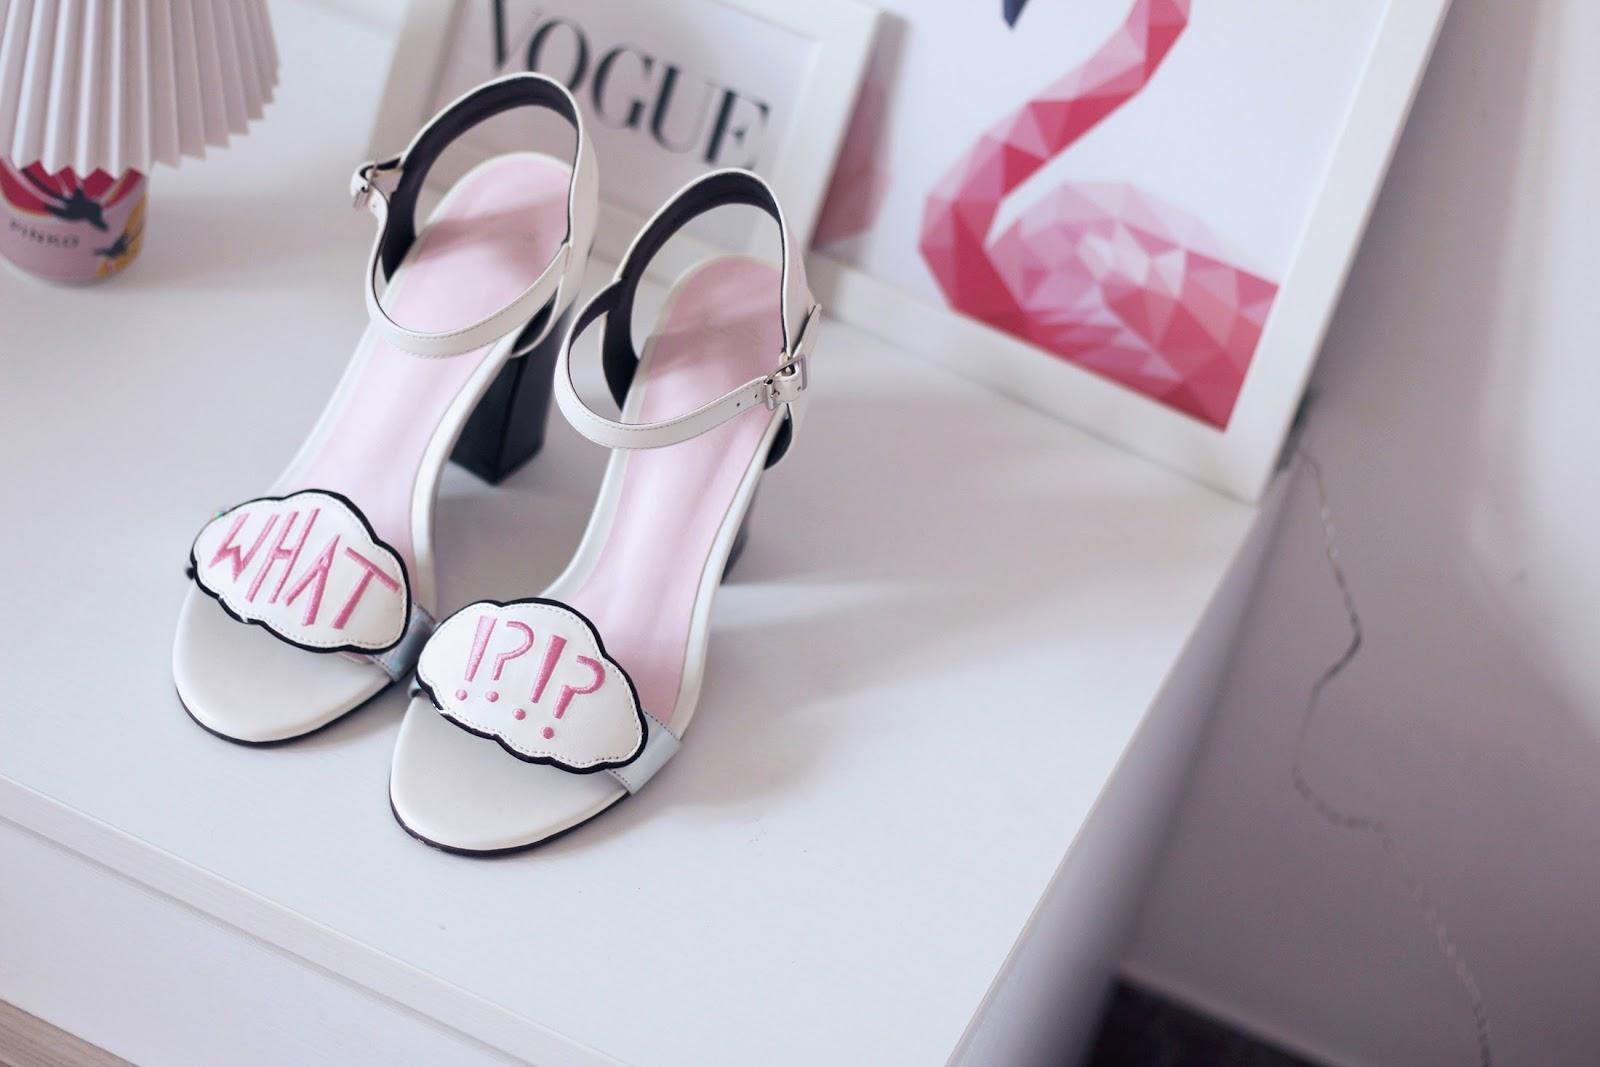 fashion shoes heels sandals asos flamingo interior design home pink sophia webster vogue glamour shoeting